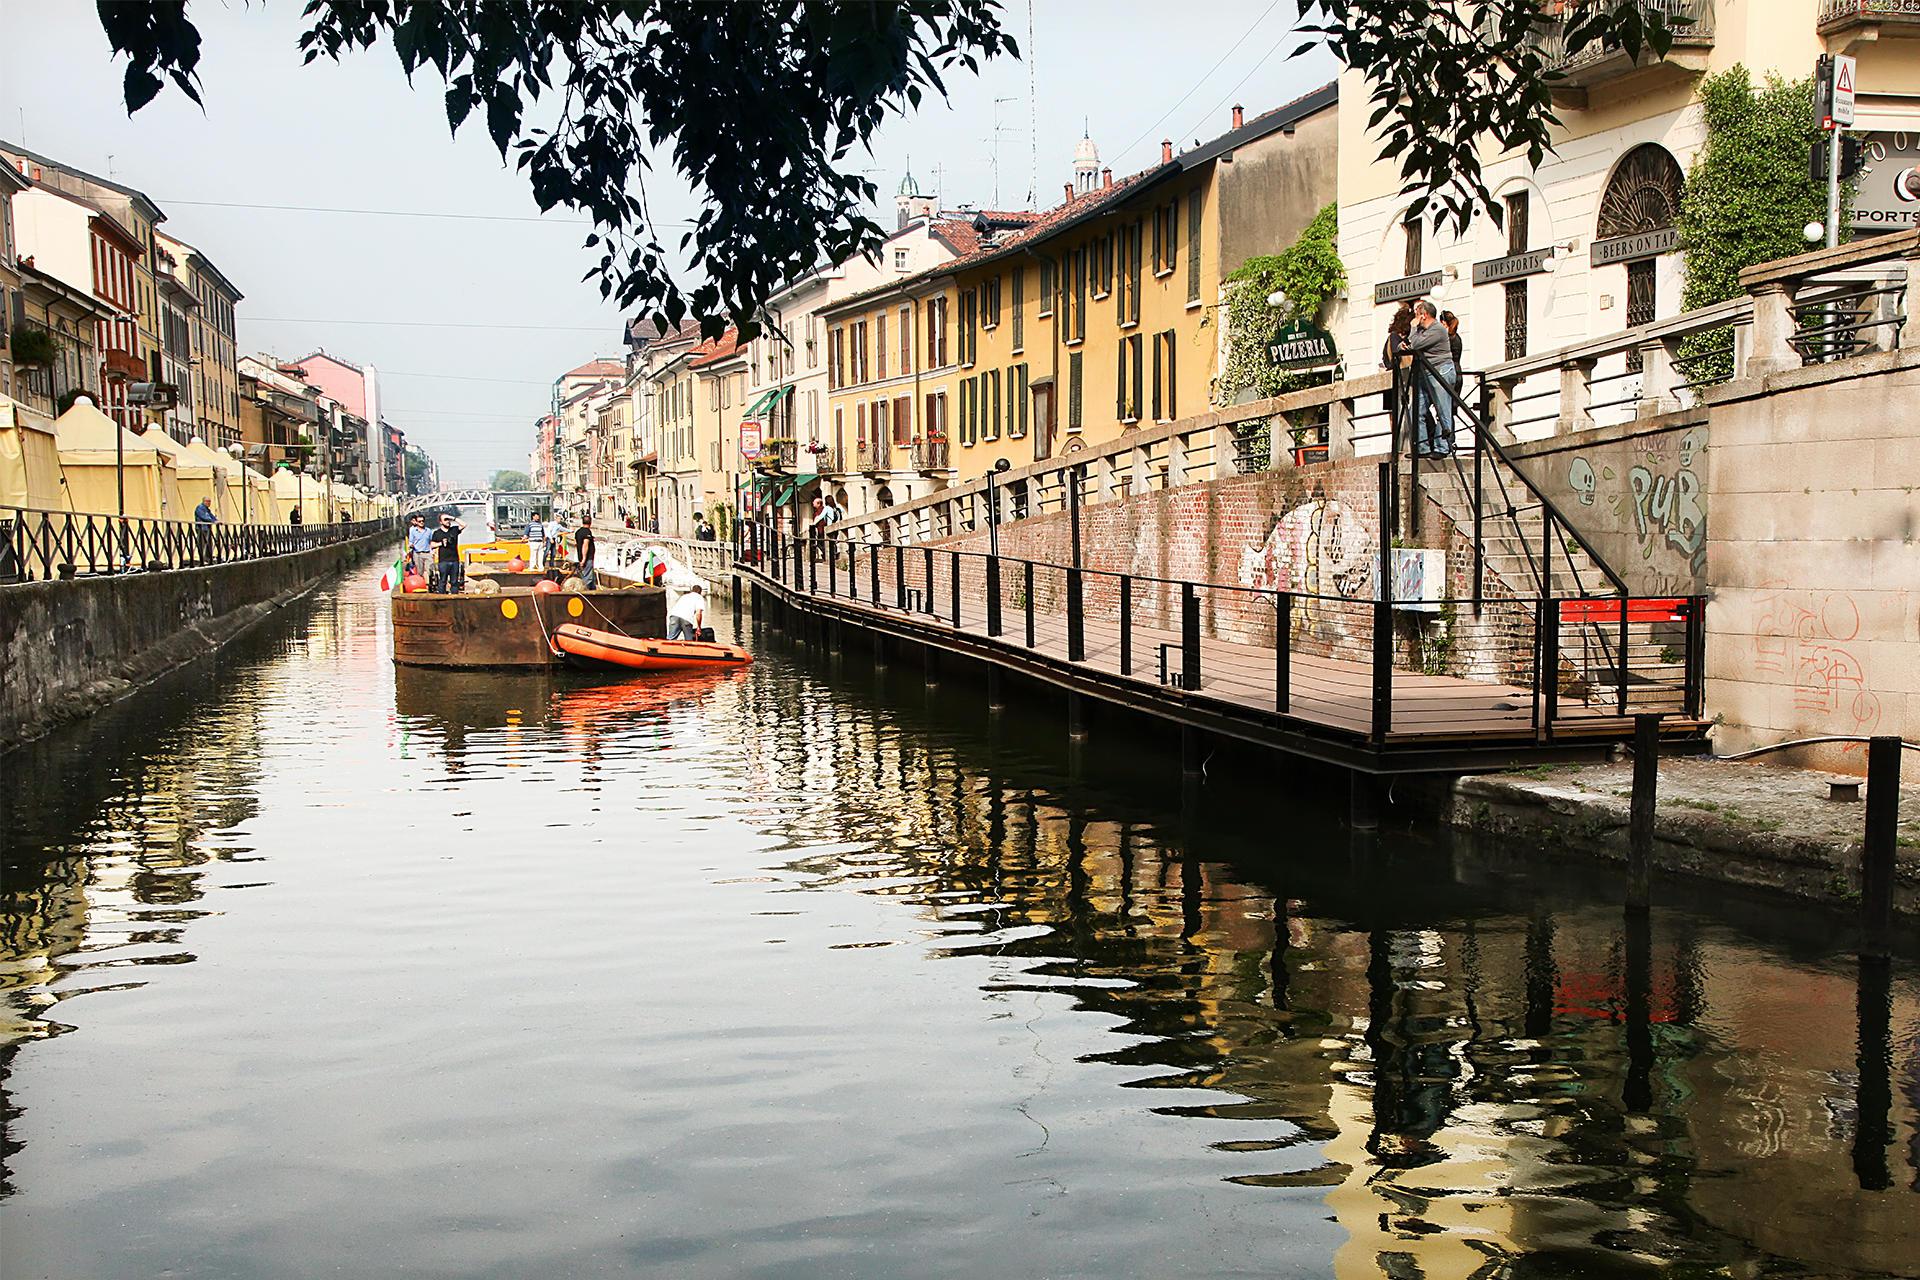 Duomo di Milano, i percorsi d acqua che permisero il trasporto dei marmi